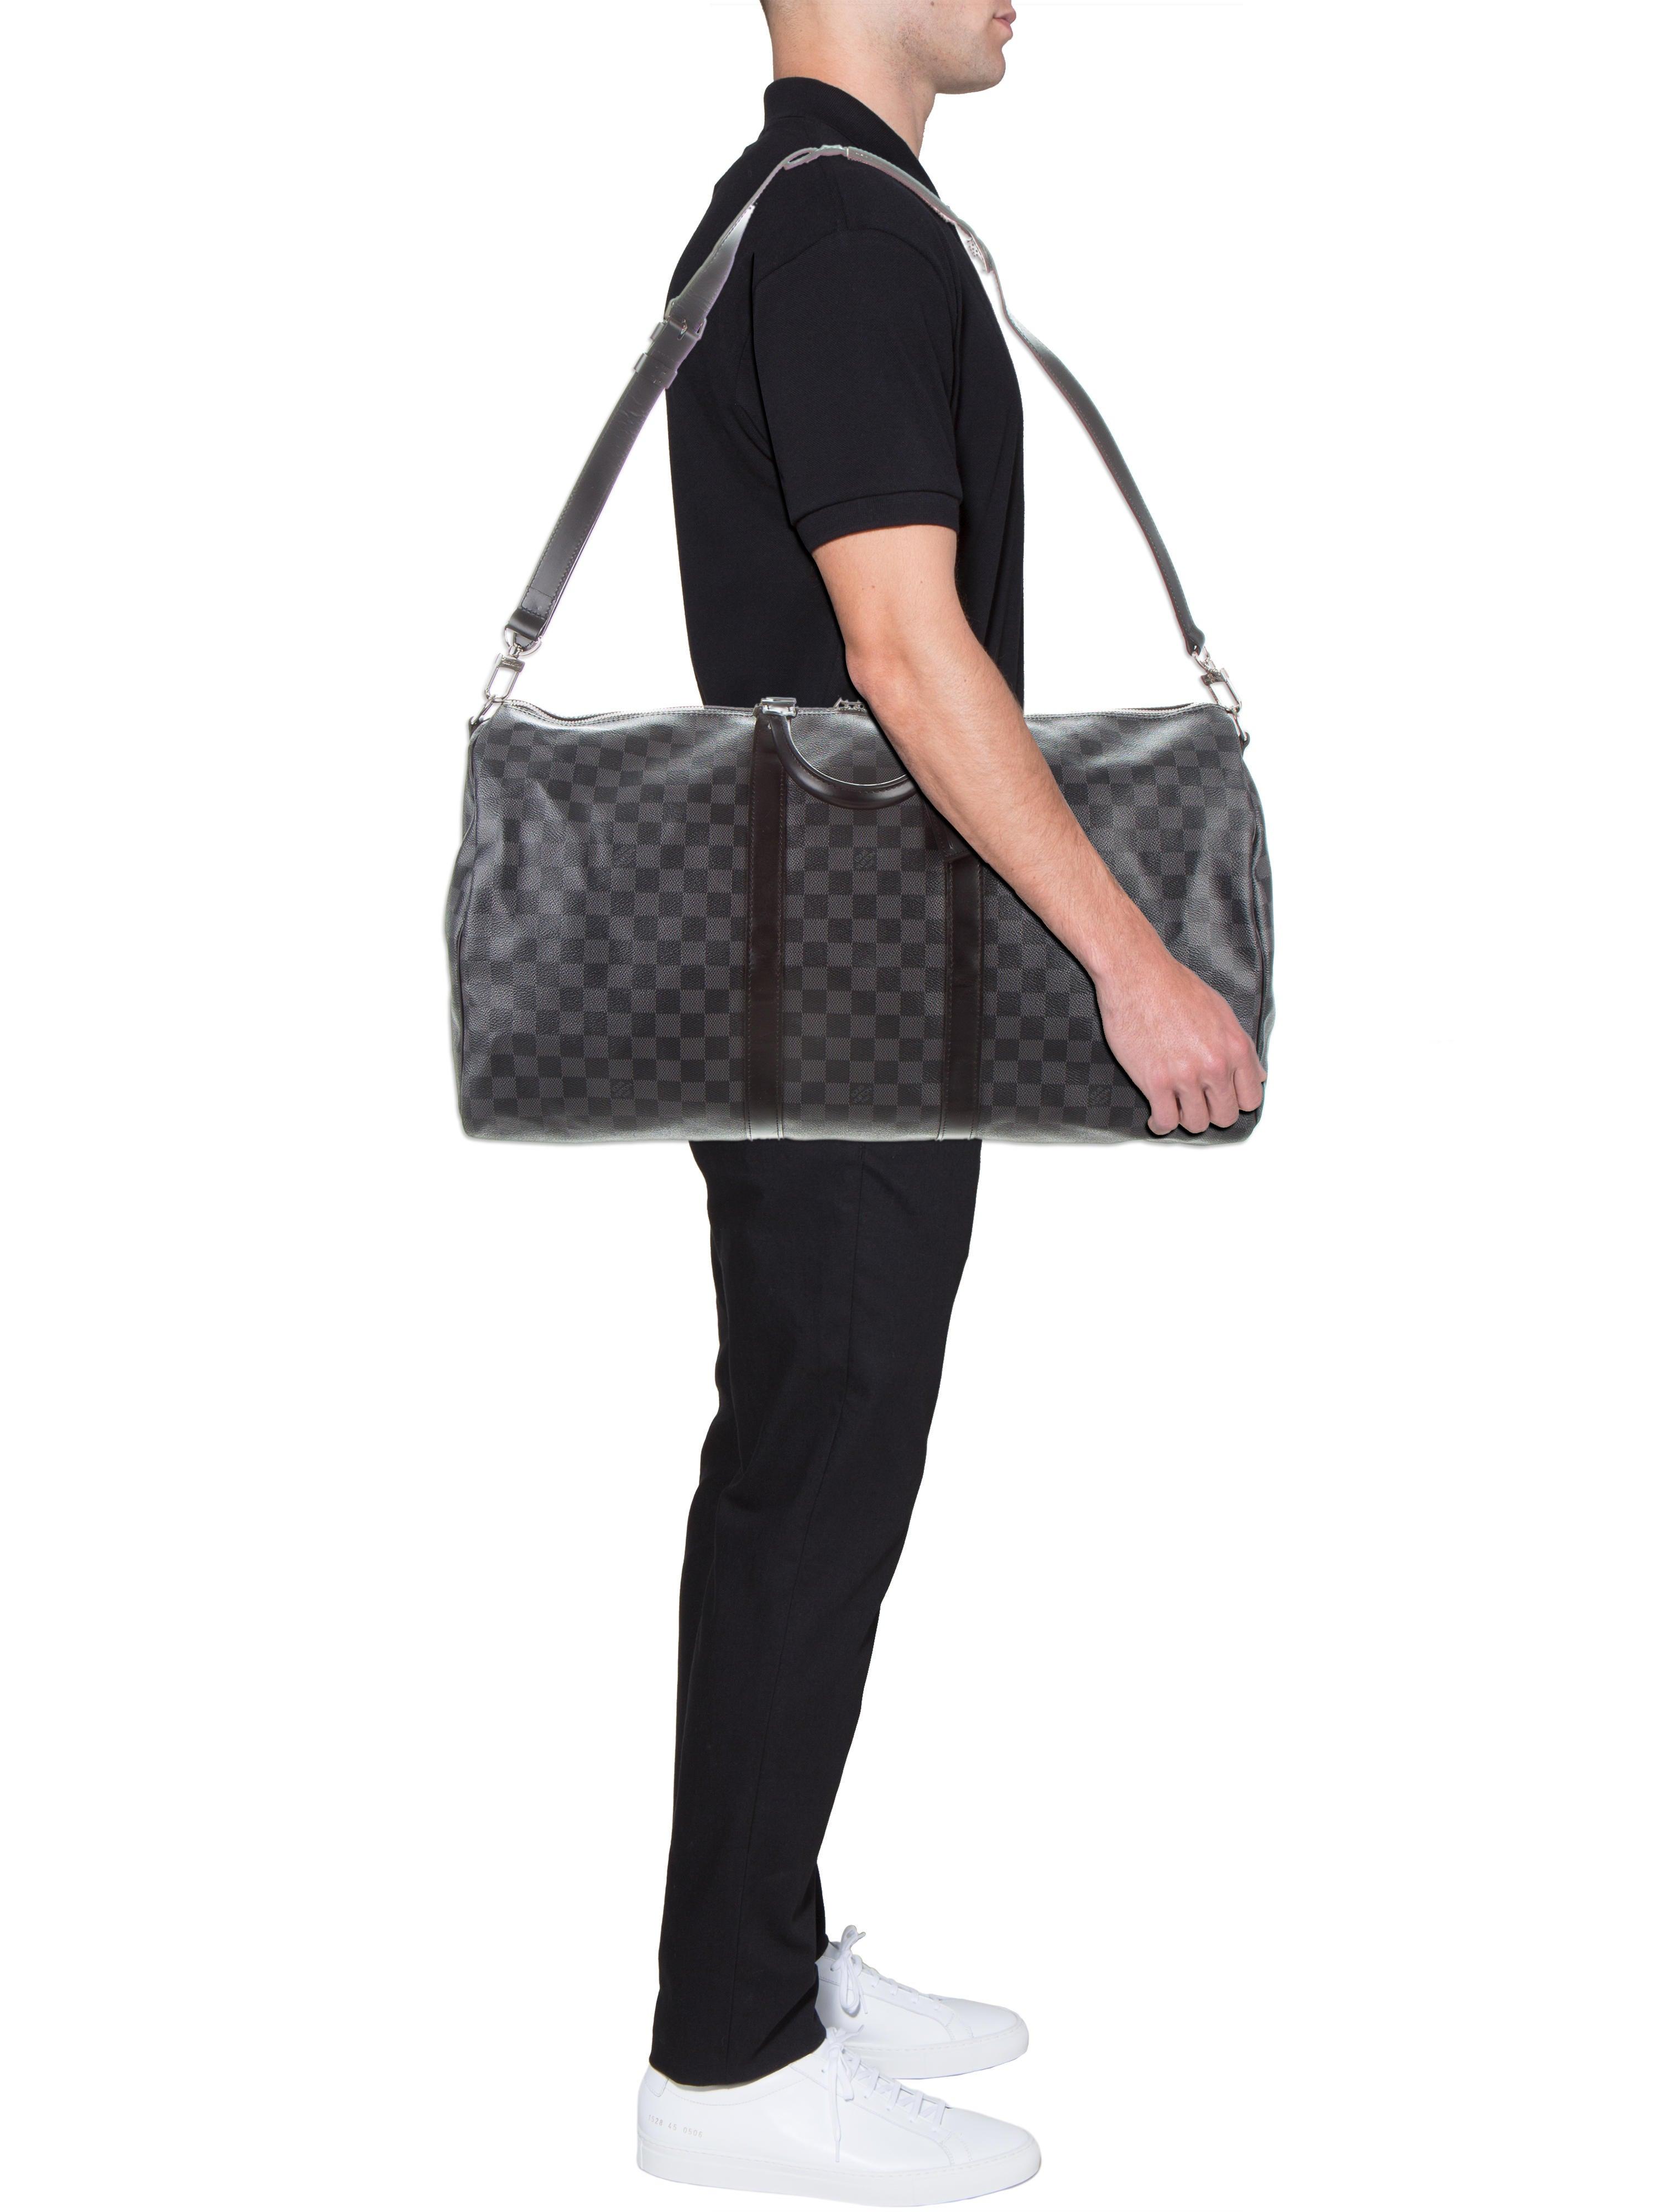 Louis Vuitton Damier Graphite Keepall Bandoulière 55 - Bags ... 91aa9d97c1